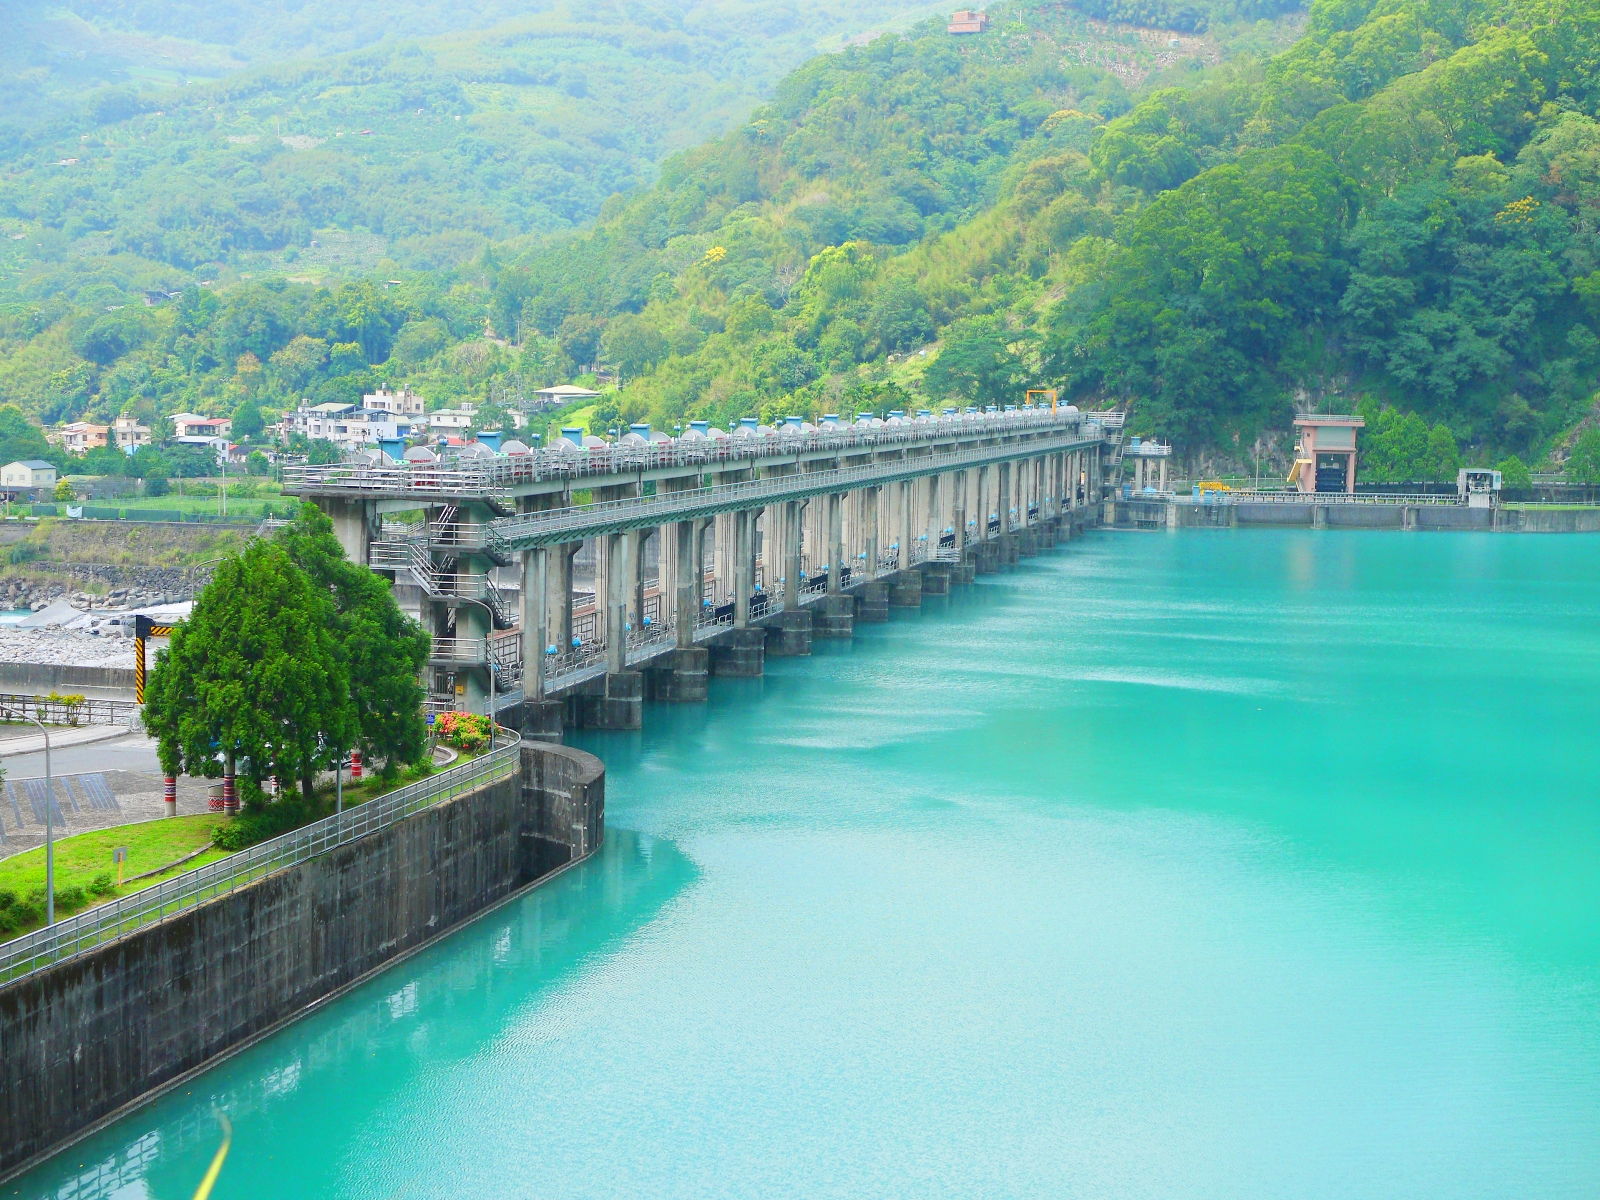 夢幻浪漫水色 | 青い池 | 士林壩 | 士林攔河堰 | タイアン | たいあん | ミアオリー | 一抹和風 | 巡日旅行攝 | RoundtripJp